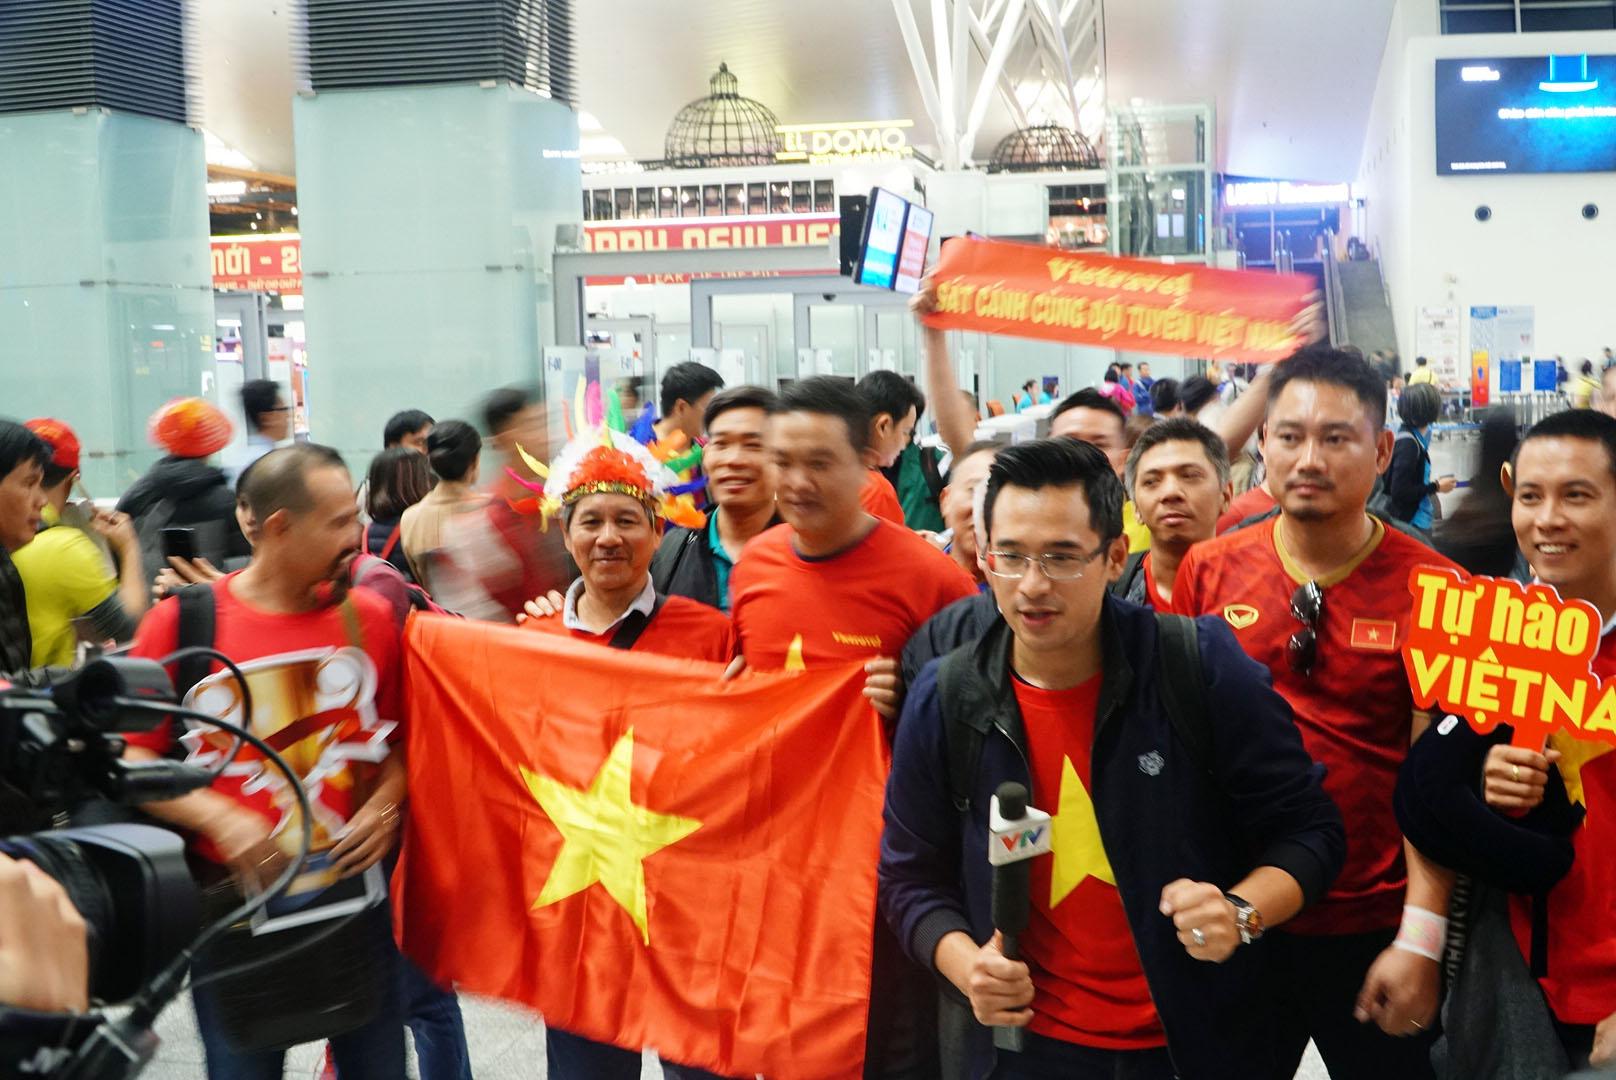 """Fan """"nhuộm đỏ"""" sân bay Tân Sơn Nhất sang UAE """"tiếp lửa"""" cho tuyển Việt Nam - 4"""